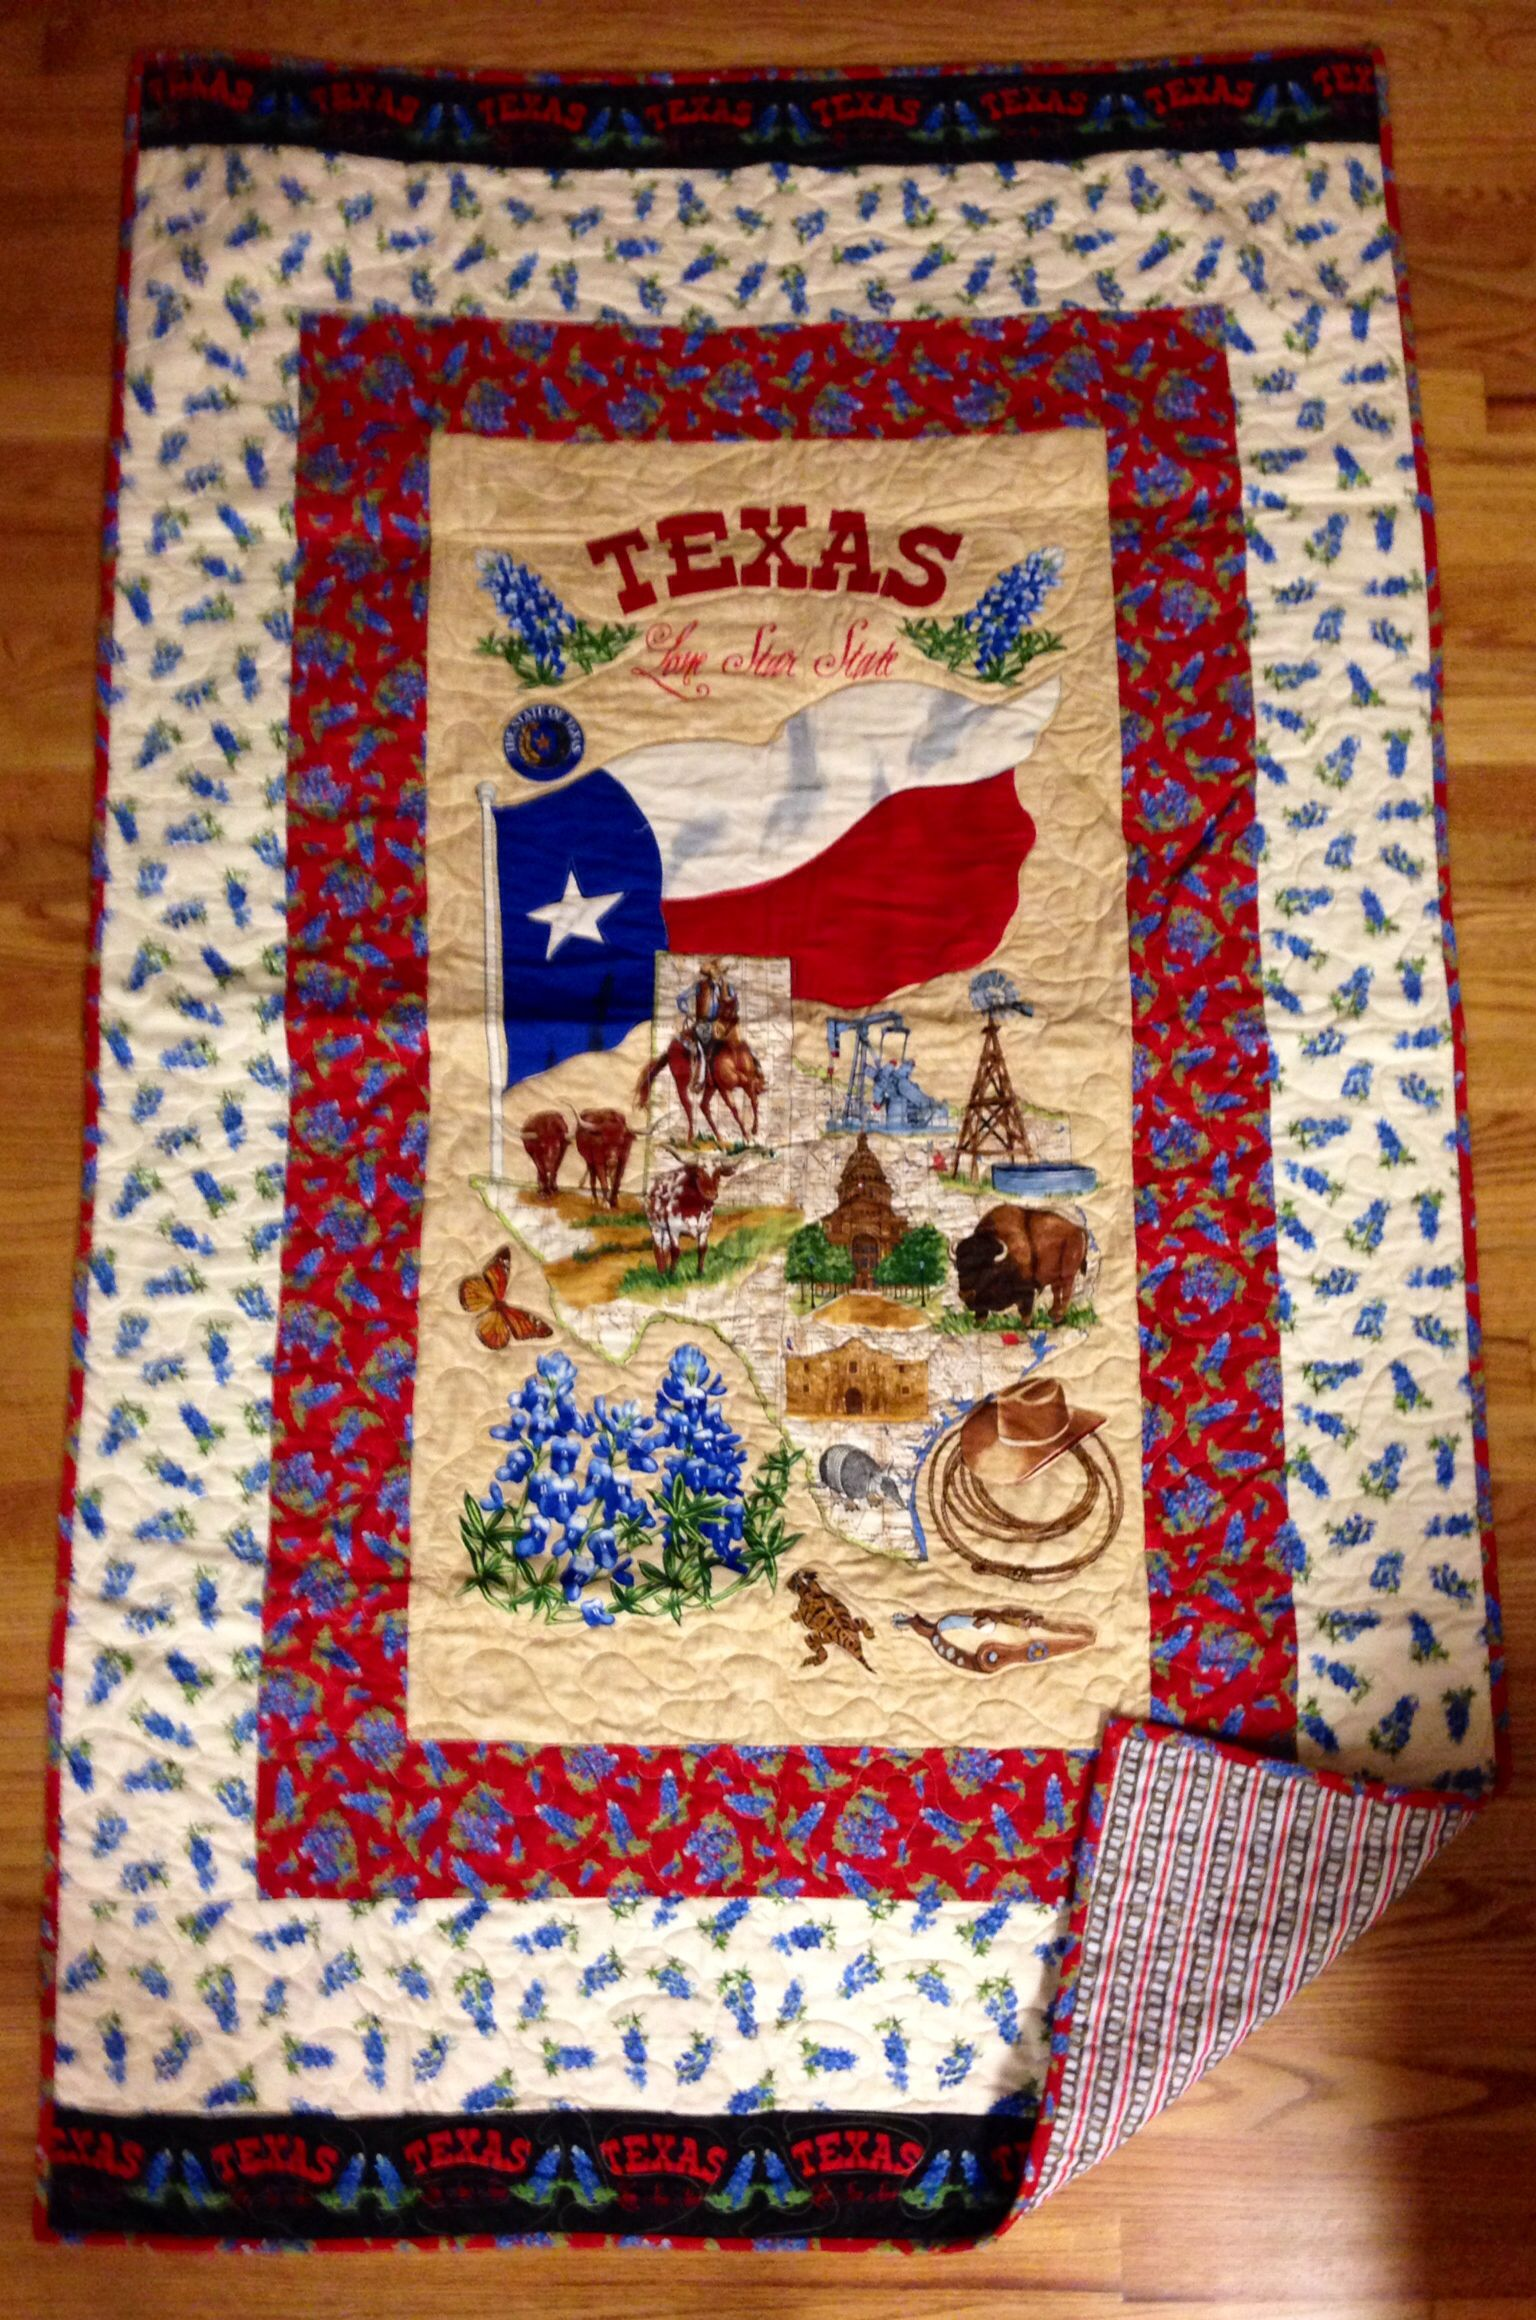 Texas Bluebonnet Quilt made by: Www.GrammyQuiltsofLove.com ...